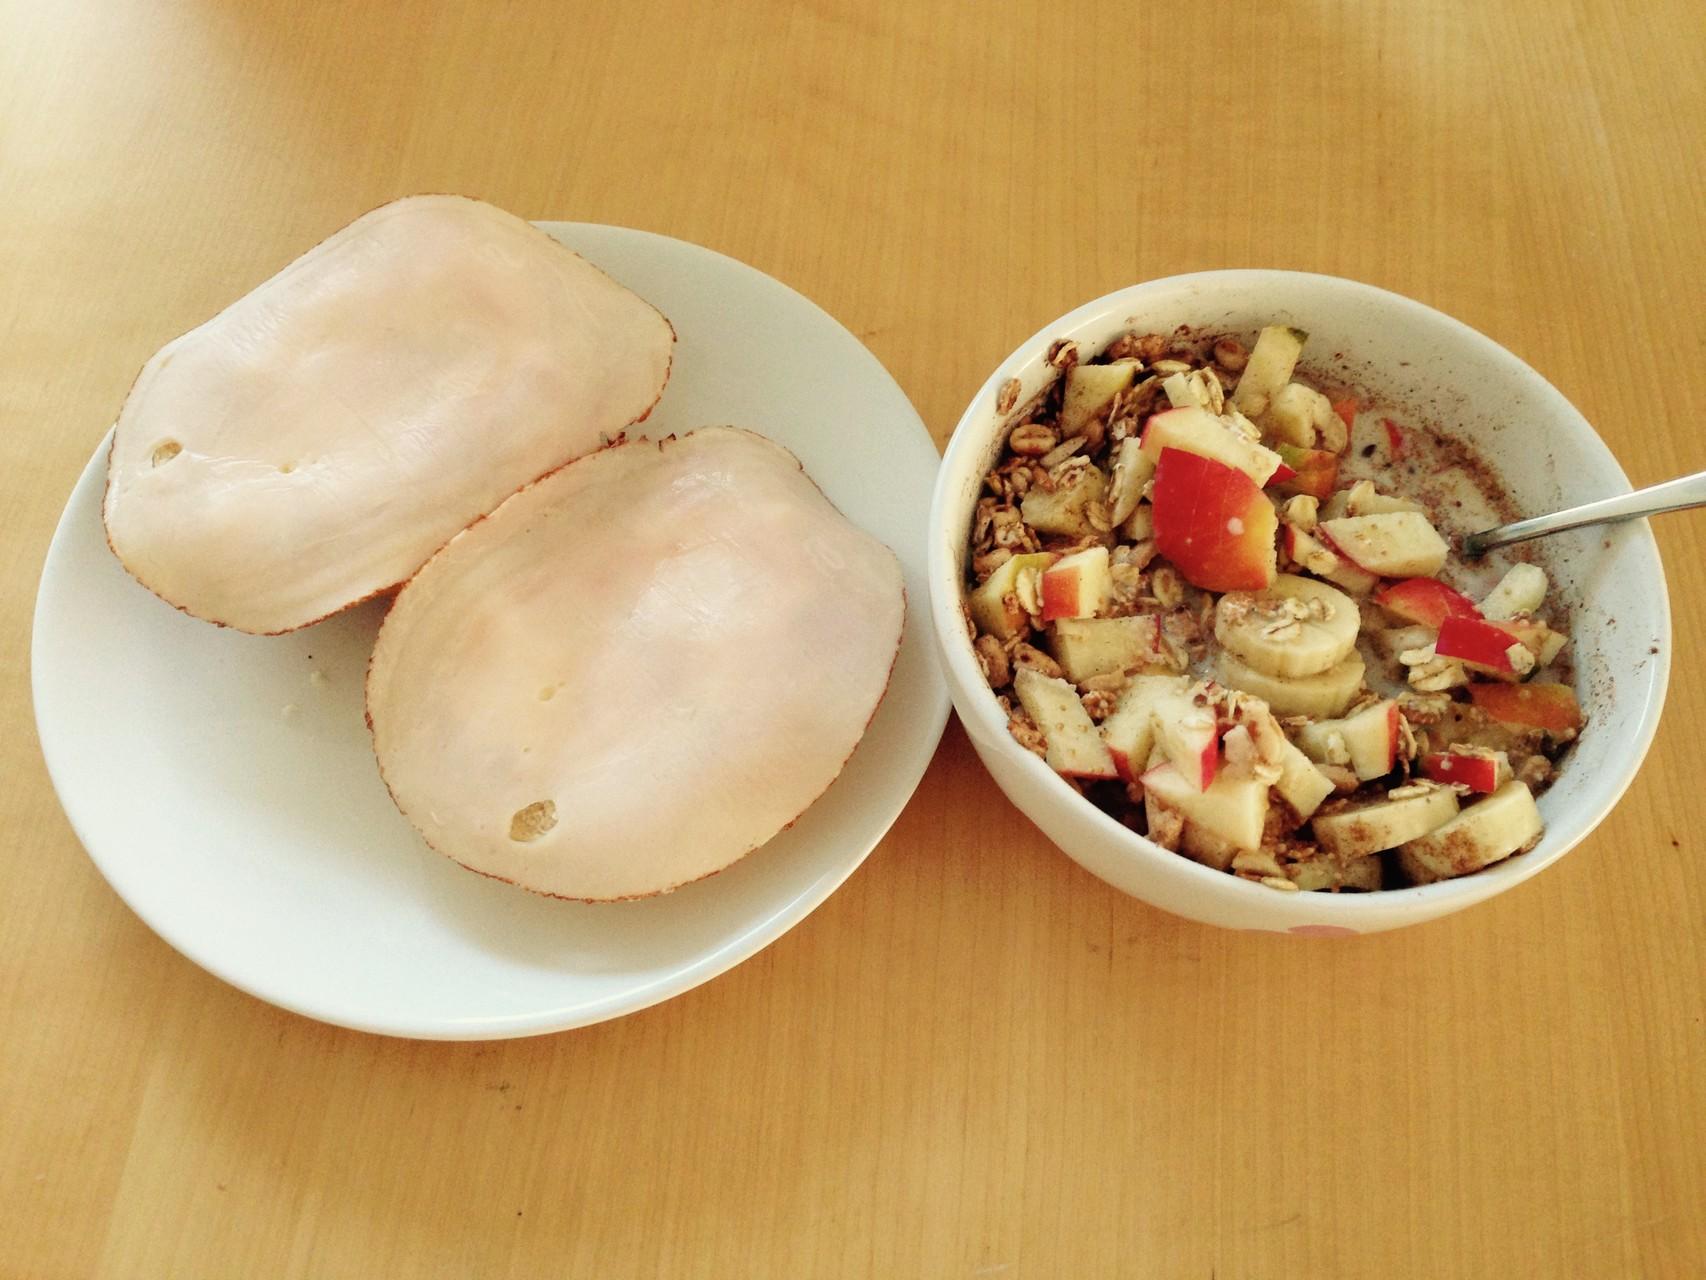 Frühstück: Brötchen mit Hüttenkäse und Hähnchenbrust, dazu ein kleines Müsli bestehend aus 1 Apfel, 1 Banane, Basis Müsli, fettarmer Milch, Zimt und Agaven-Dicksaft